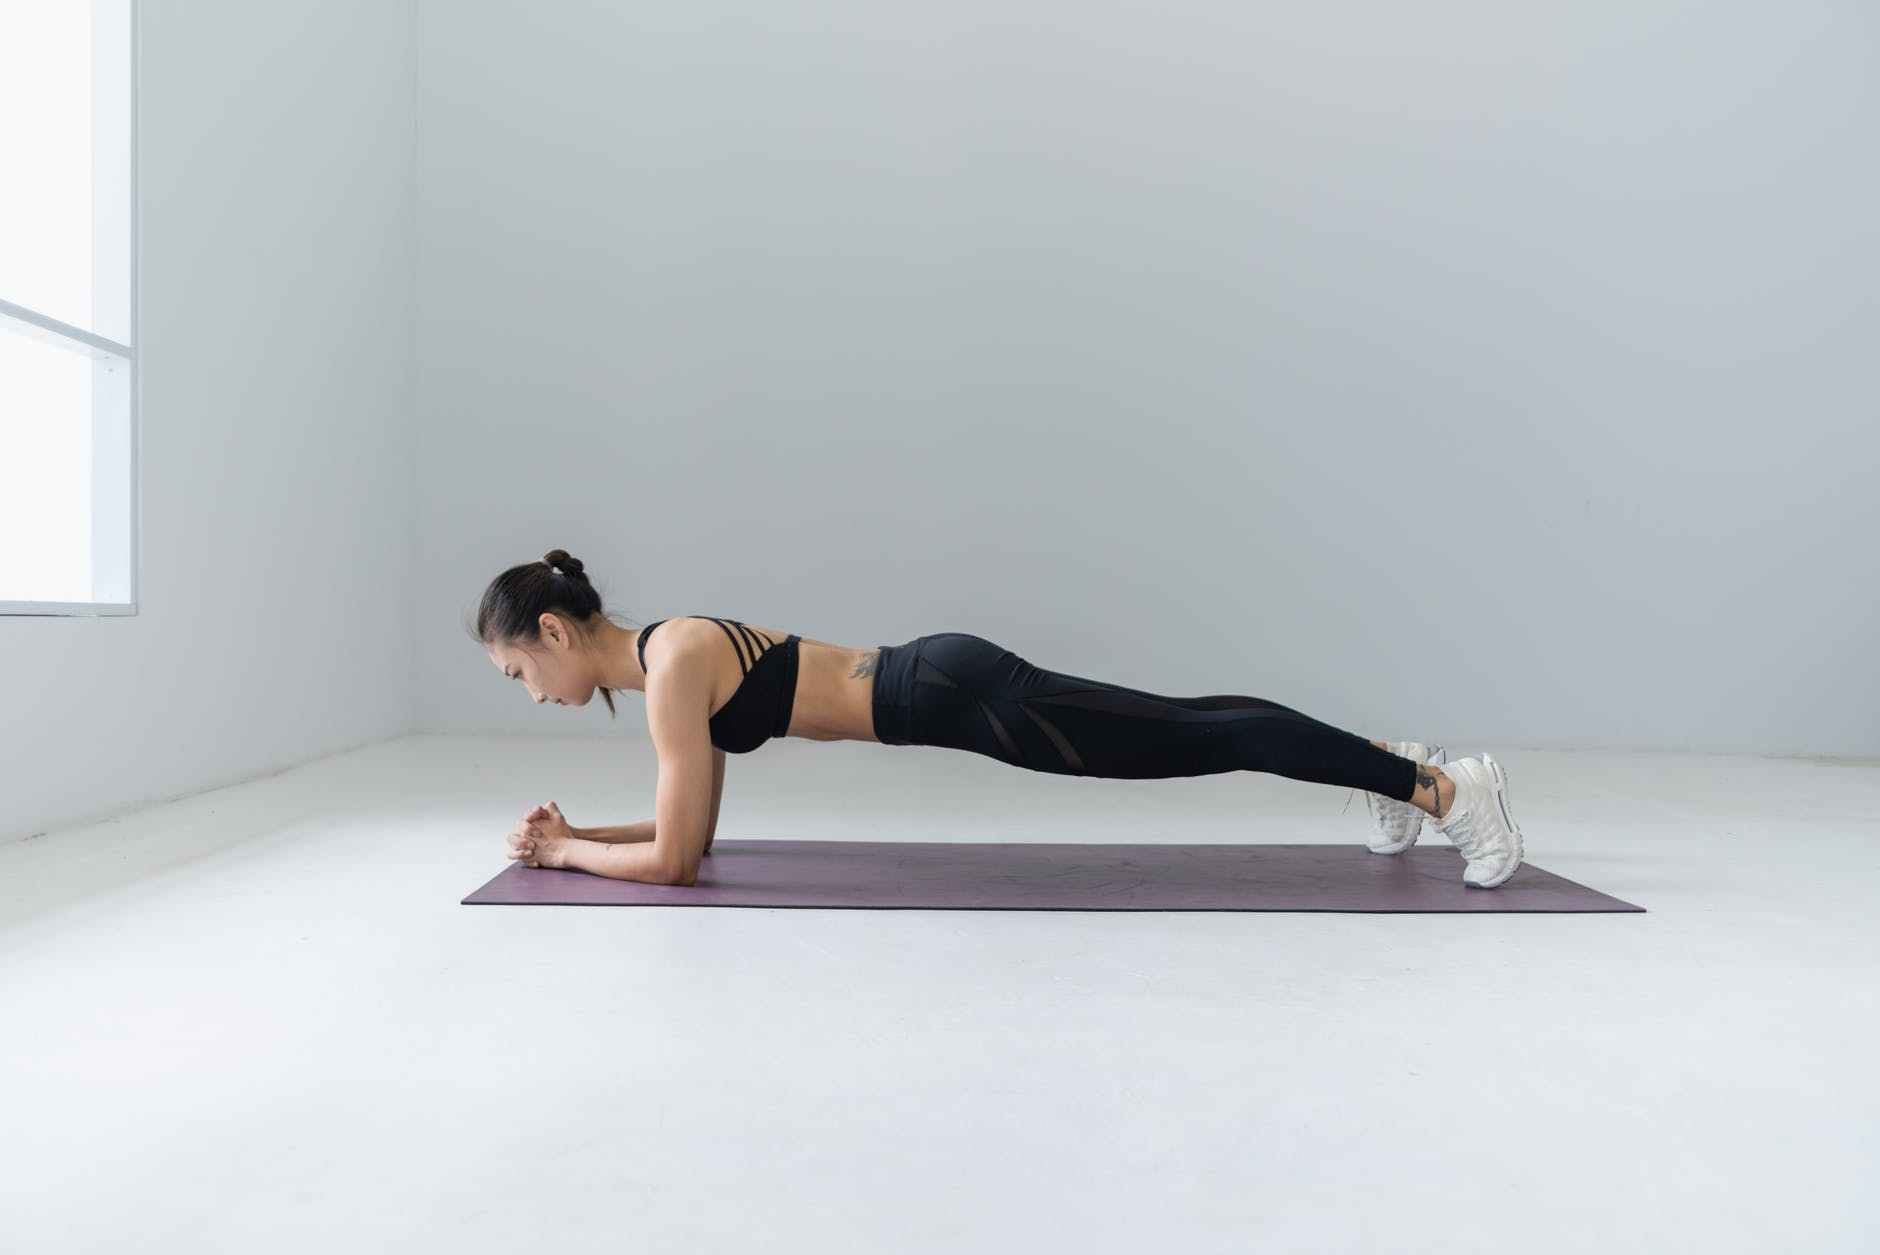 三问搞清平板支撑健身效果,你就不会盲目用它减肥、练腹肌!